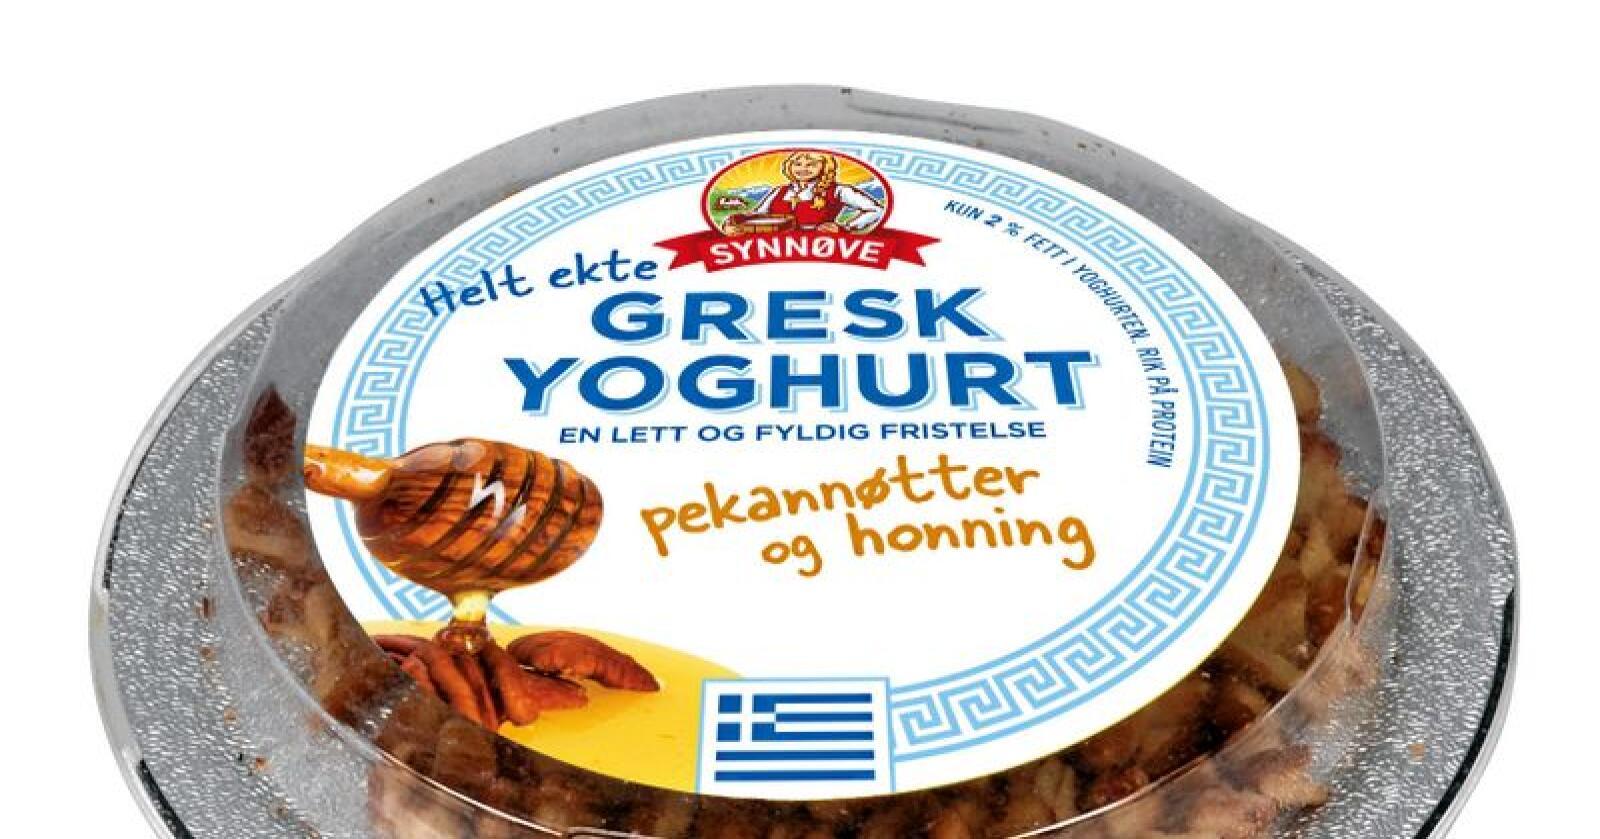 – Vi ønsker å ta hjem produksjonen av Gresk Yoghurt fordi vi er et norsk meieri, som aller helst ønsker å produsere på norsk kvalitetsmelk. Men så langt har vi ikke hatt de riktige rammevilkårene, sier administrerende direktør Trond Haug i Synnøve Finden til Nationen. Foto: Synnøve Finden.